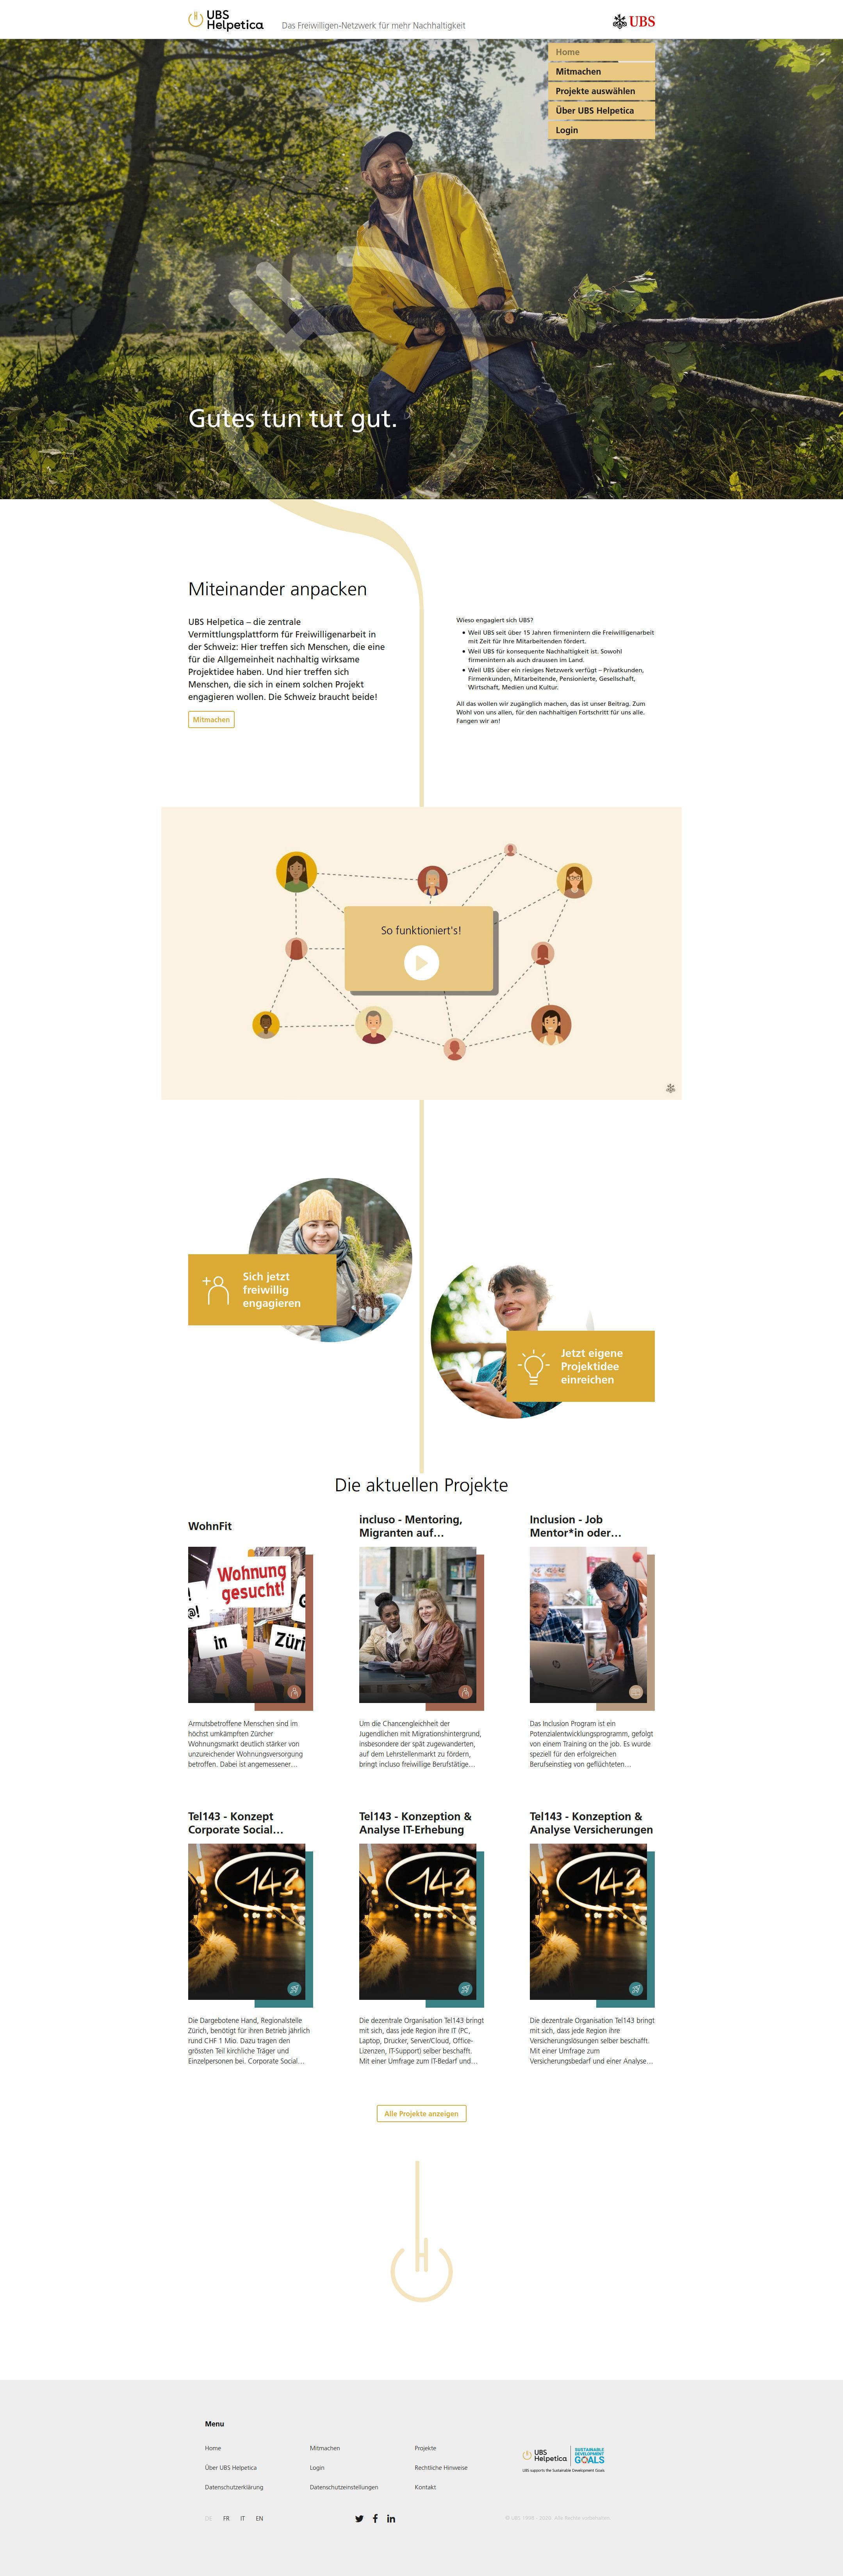 UBS Helpetica Webseite screenshot